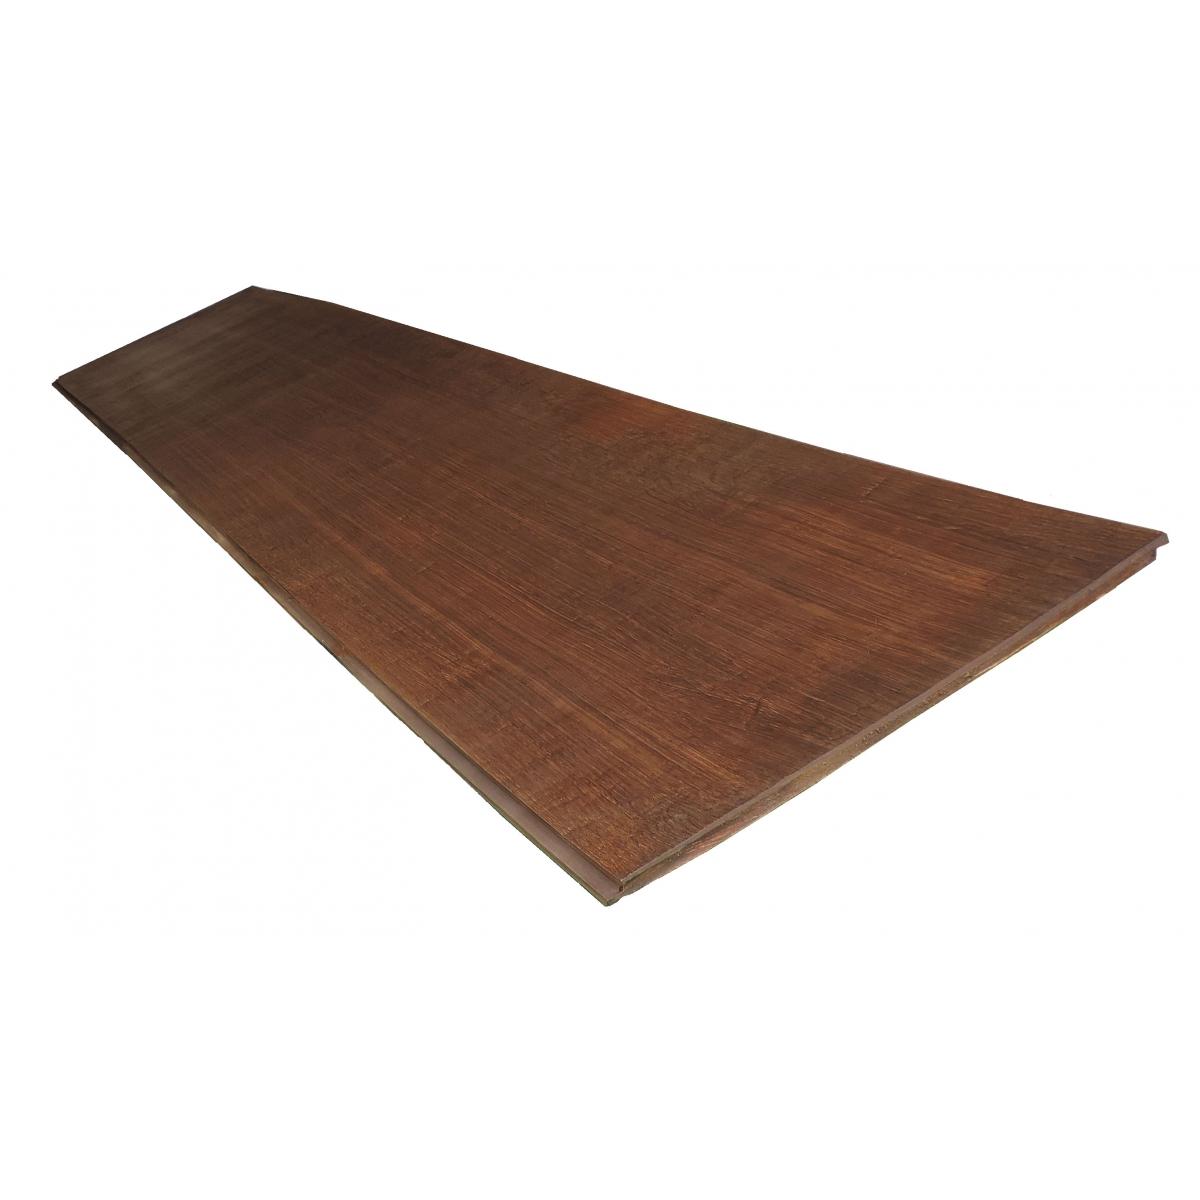 Panel rústico sin lamas imitación madera de 300x62cm